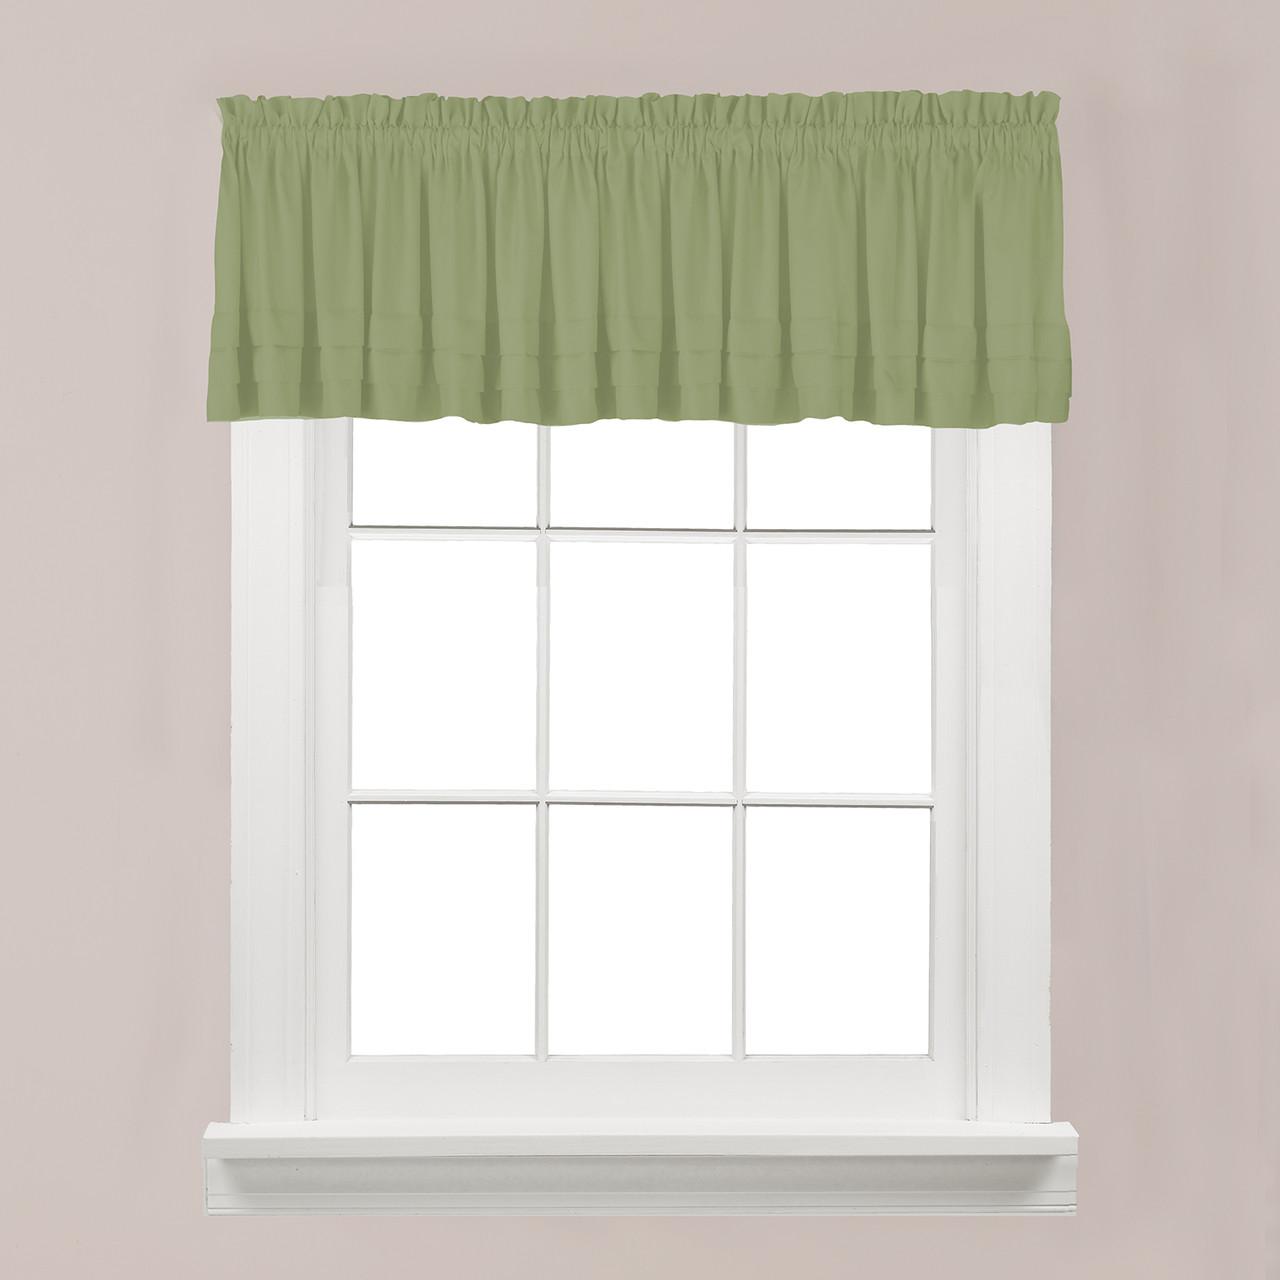 Sage Colored Curtains Kitchen: Linens4Less.com